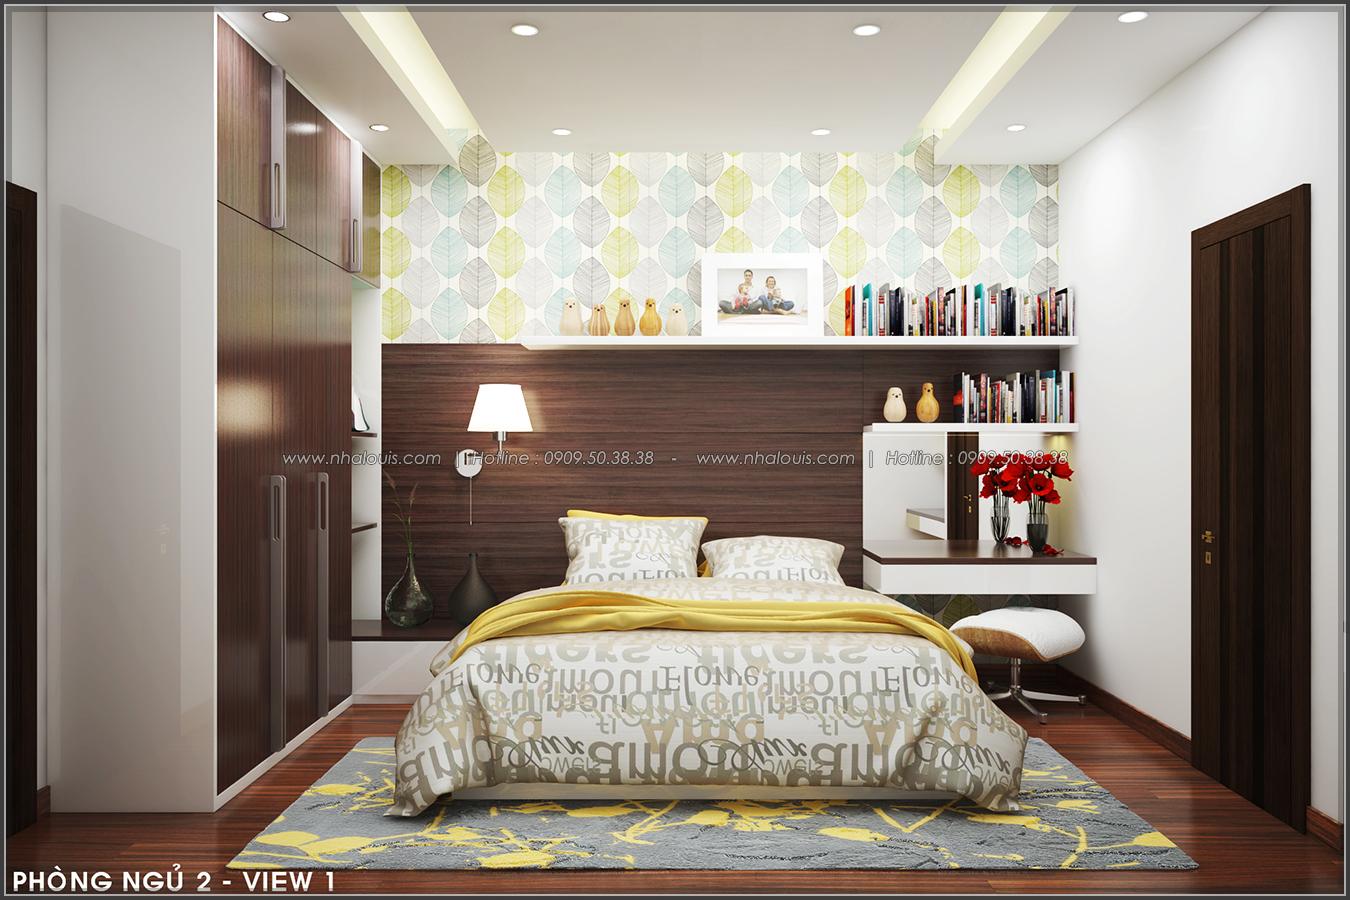 Thiết kế nội thất nhà ống đẹp tone gỗ ấm áp và sang trọng quận Tân Bình - 10